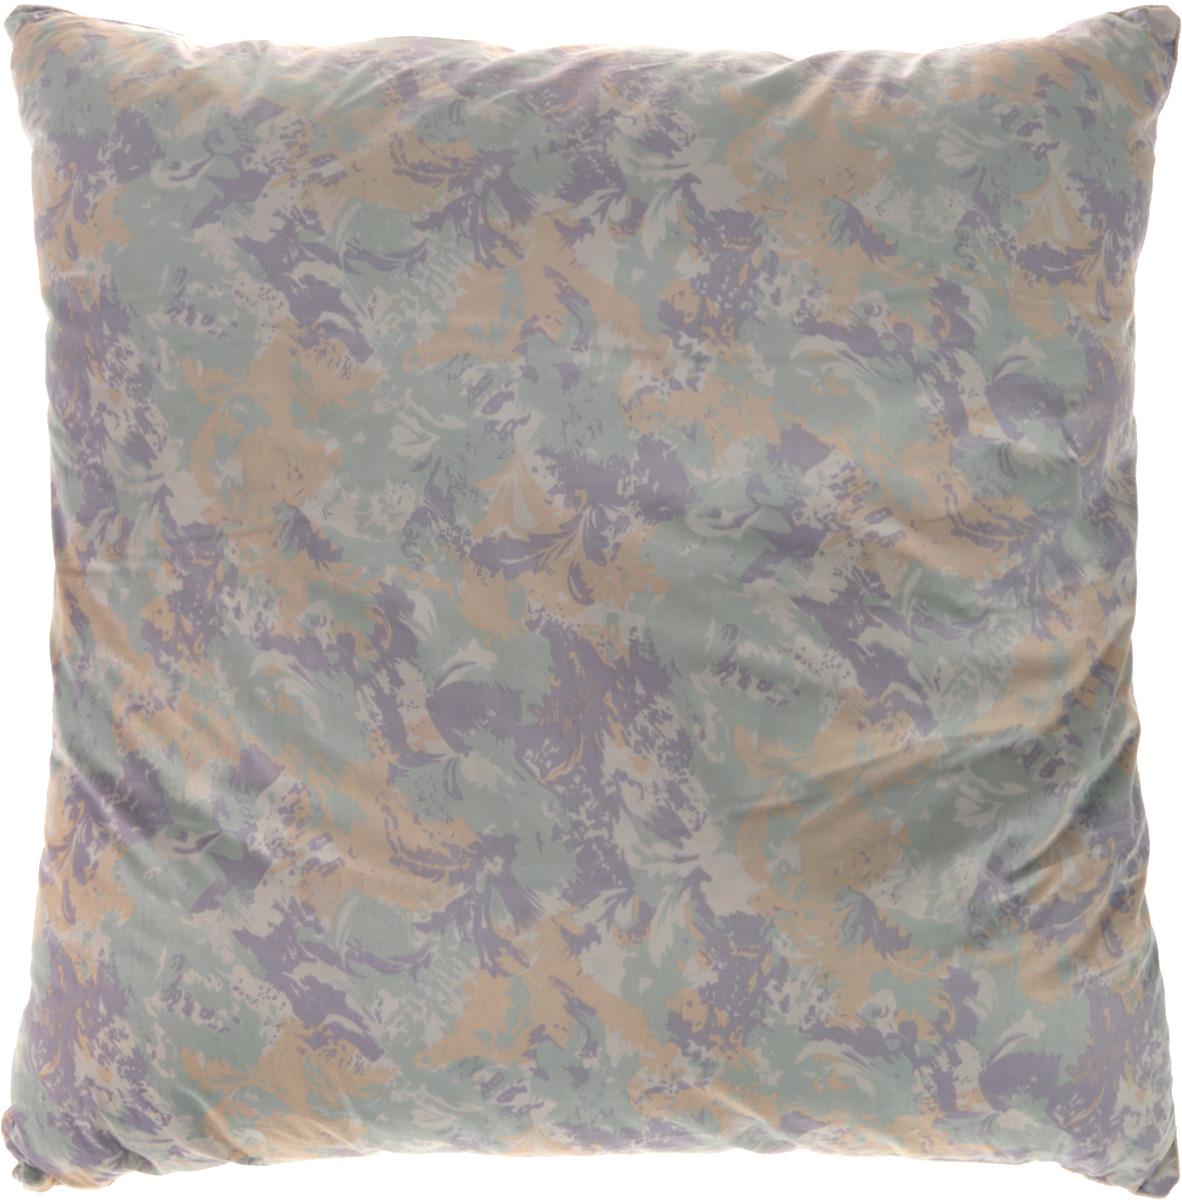 Подушка Ecotex Рокко, наполнитель: пух, перо, 68 х 68 смPR-2WПодушка Ecotex Рокко обеспечит здоровый сон и невероятный комфорт. Чехол подушки выполнен из натуральной тиковой ткани (100% хлопок), украшенной оригинальным принтом. Внутри пухоперовый наполнитель. Преимущества: - долговечность;- воздухопроницаемость;- мягкость и упругость; - исключительная теплоизоляция. Масса наполнителя: 2 кг.